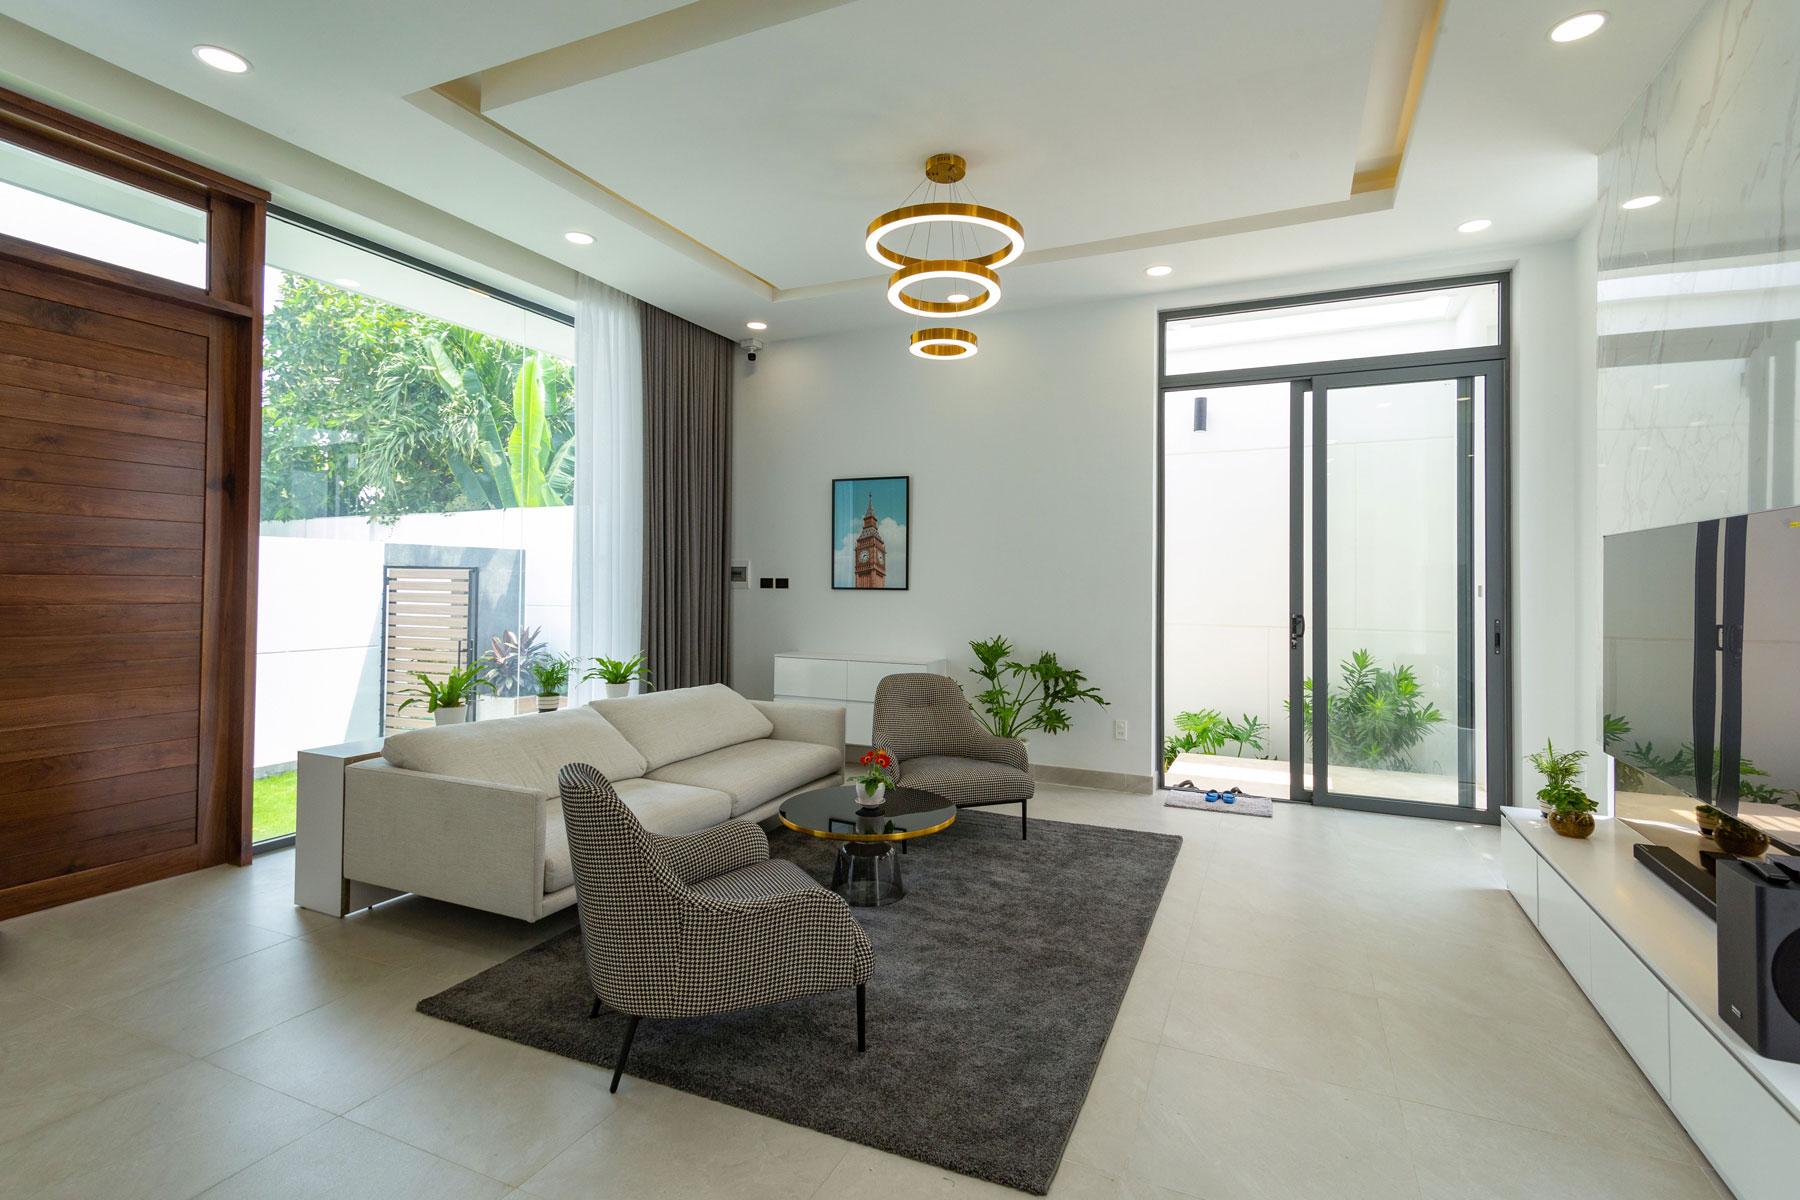 7 Mẫu thiết kế phòng khách nhỏ hẹp nhà ống xinh xắn